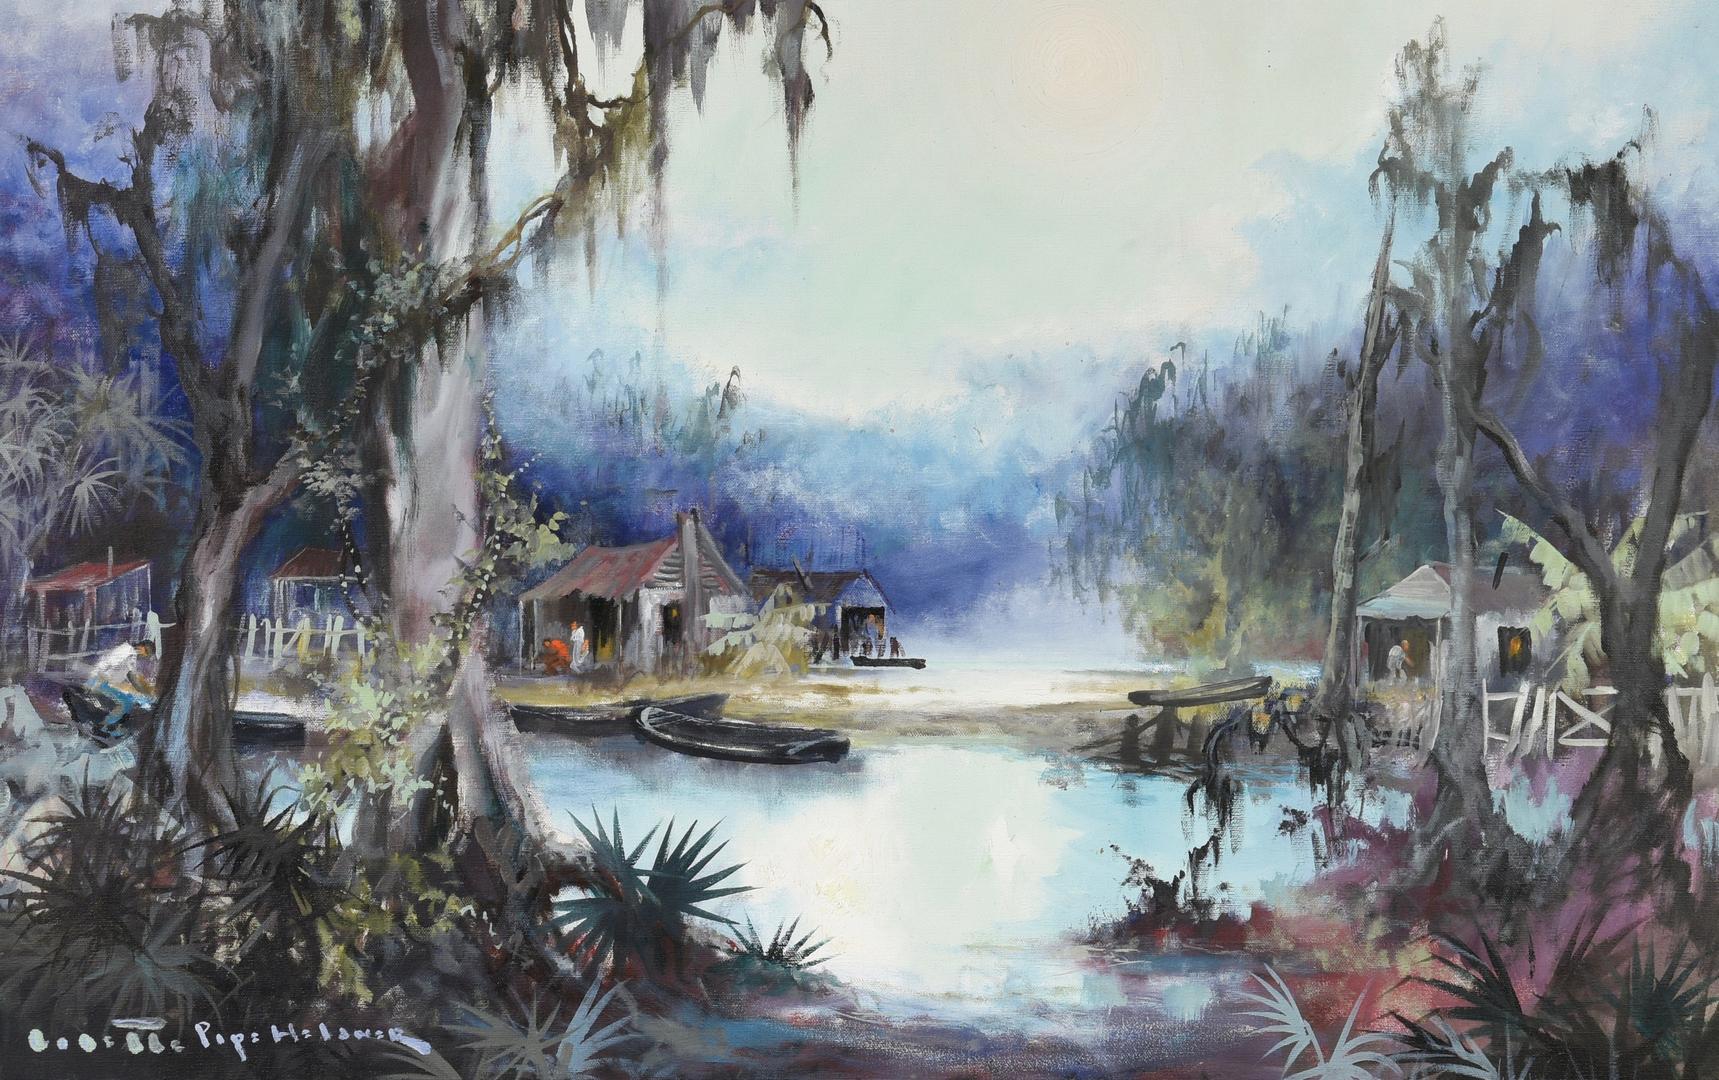 Lot 199 Colette Heldner Swamp Scene Oil On Canvas